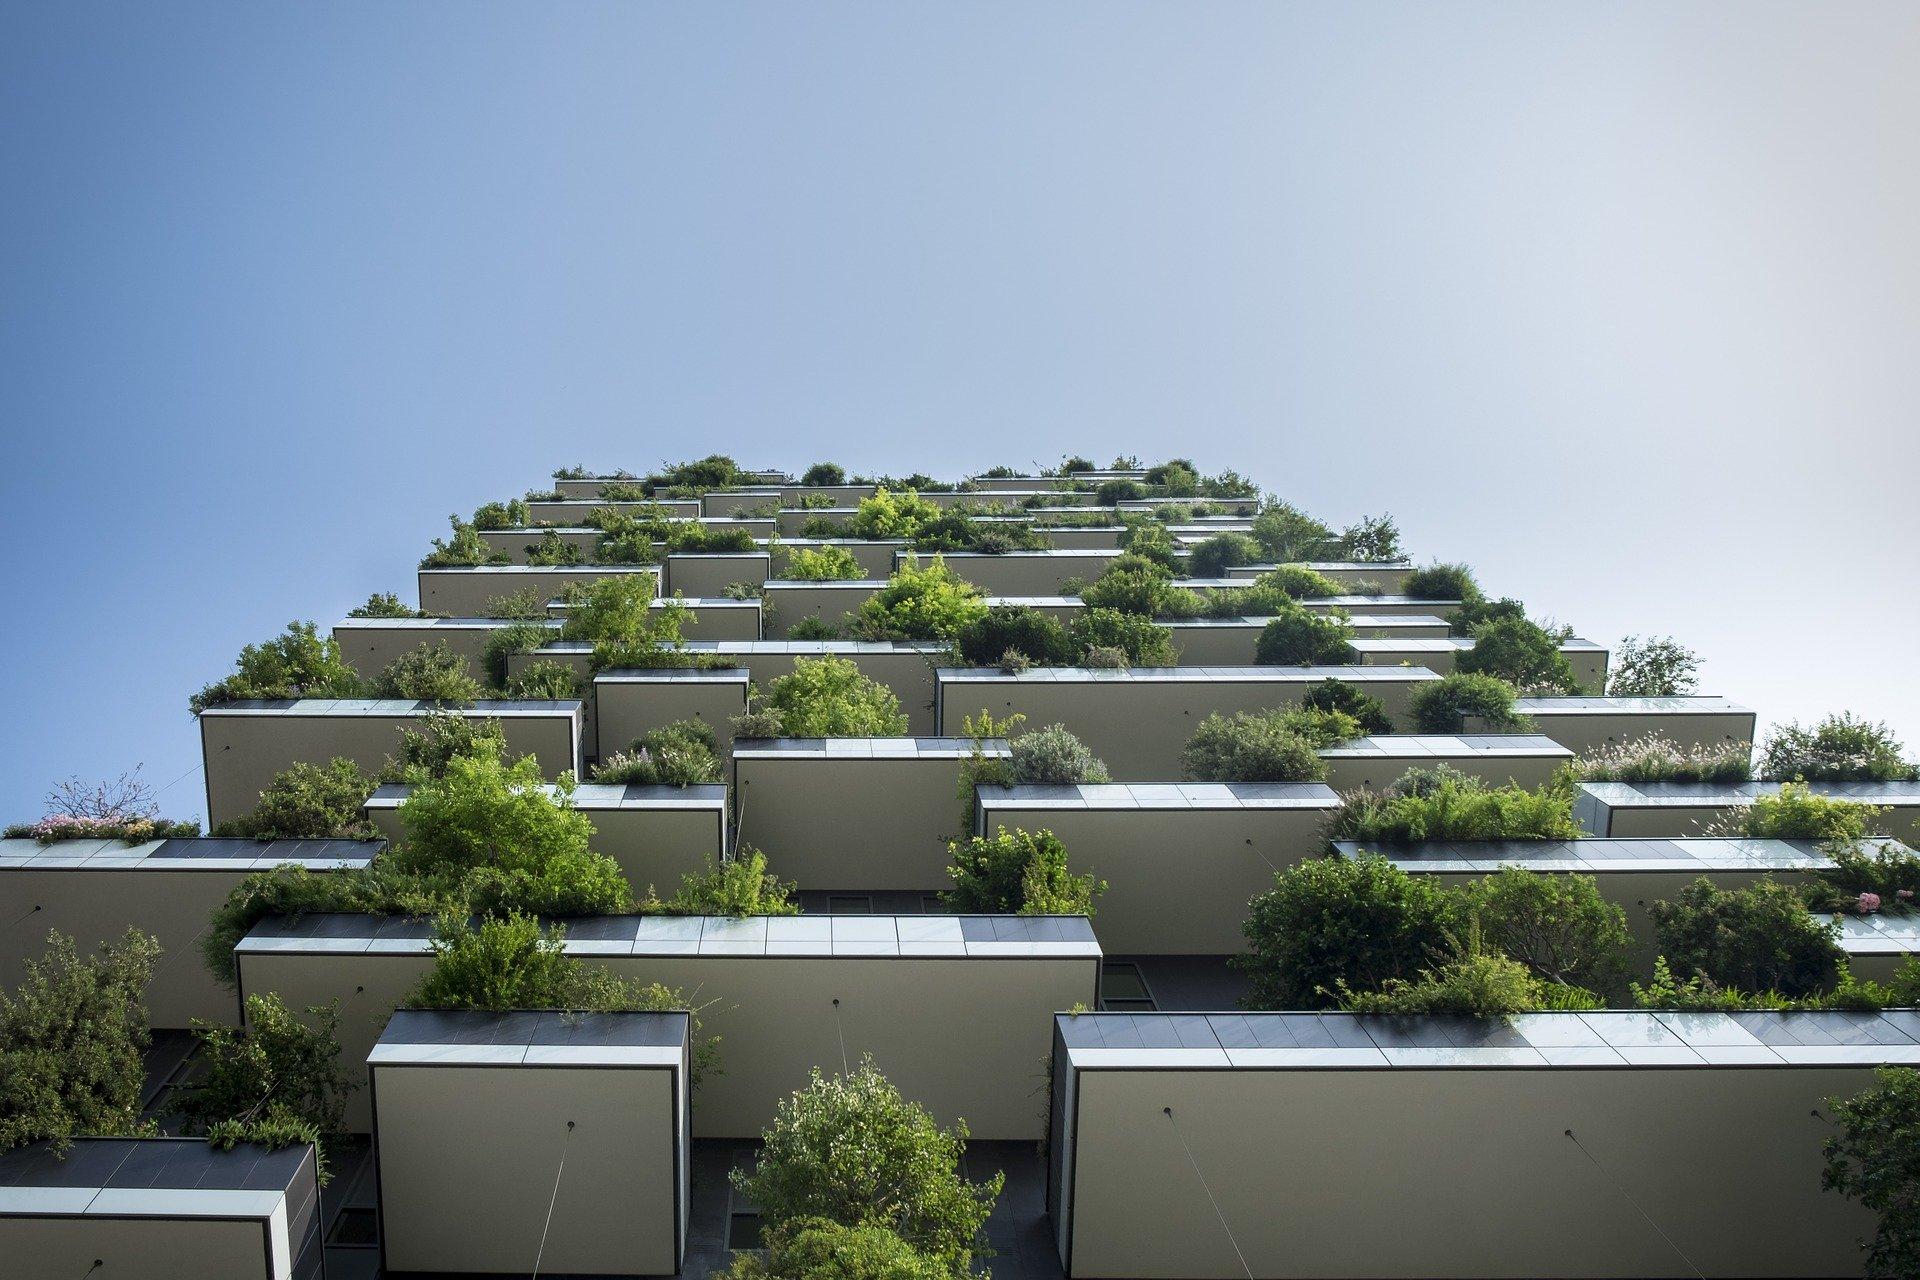 ייעוץ לבנייה ירוקה